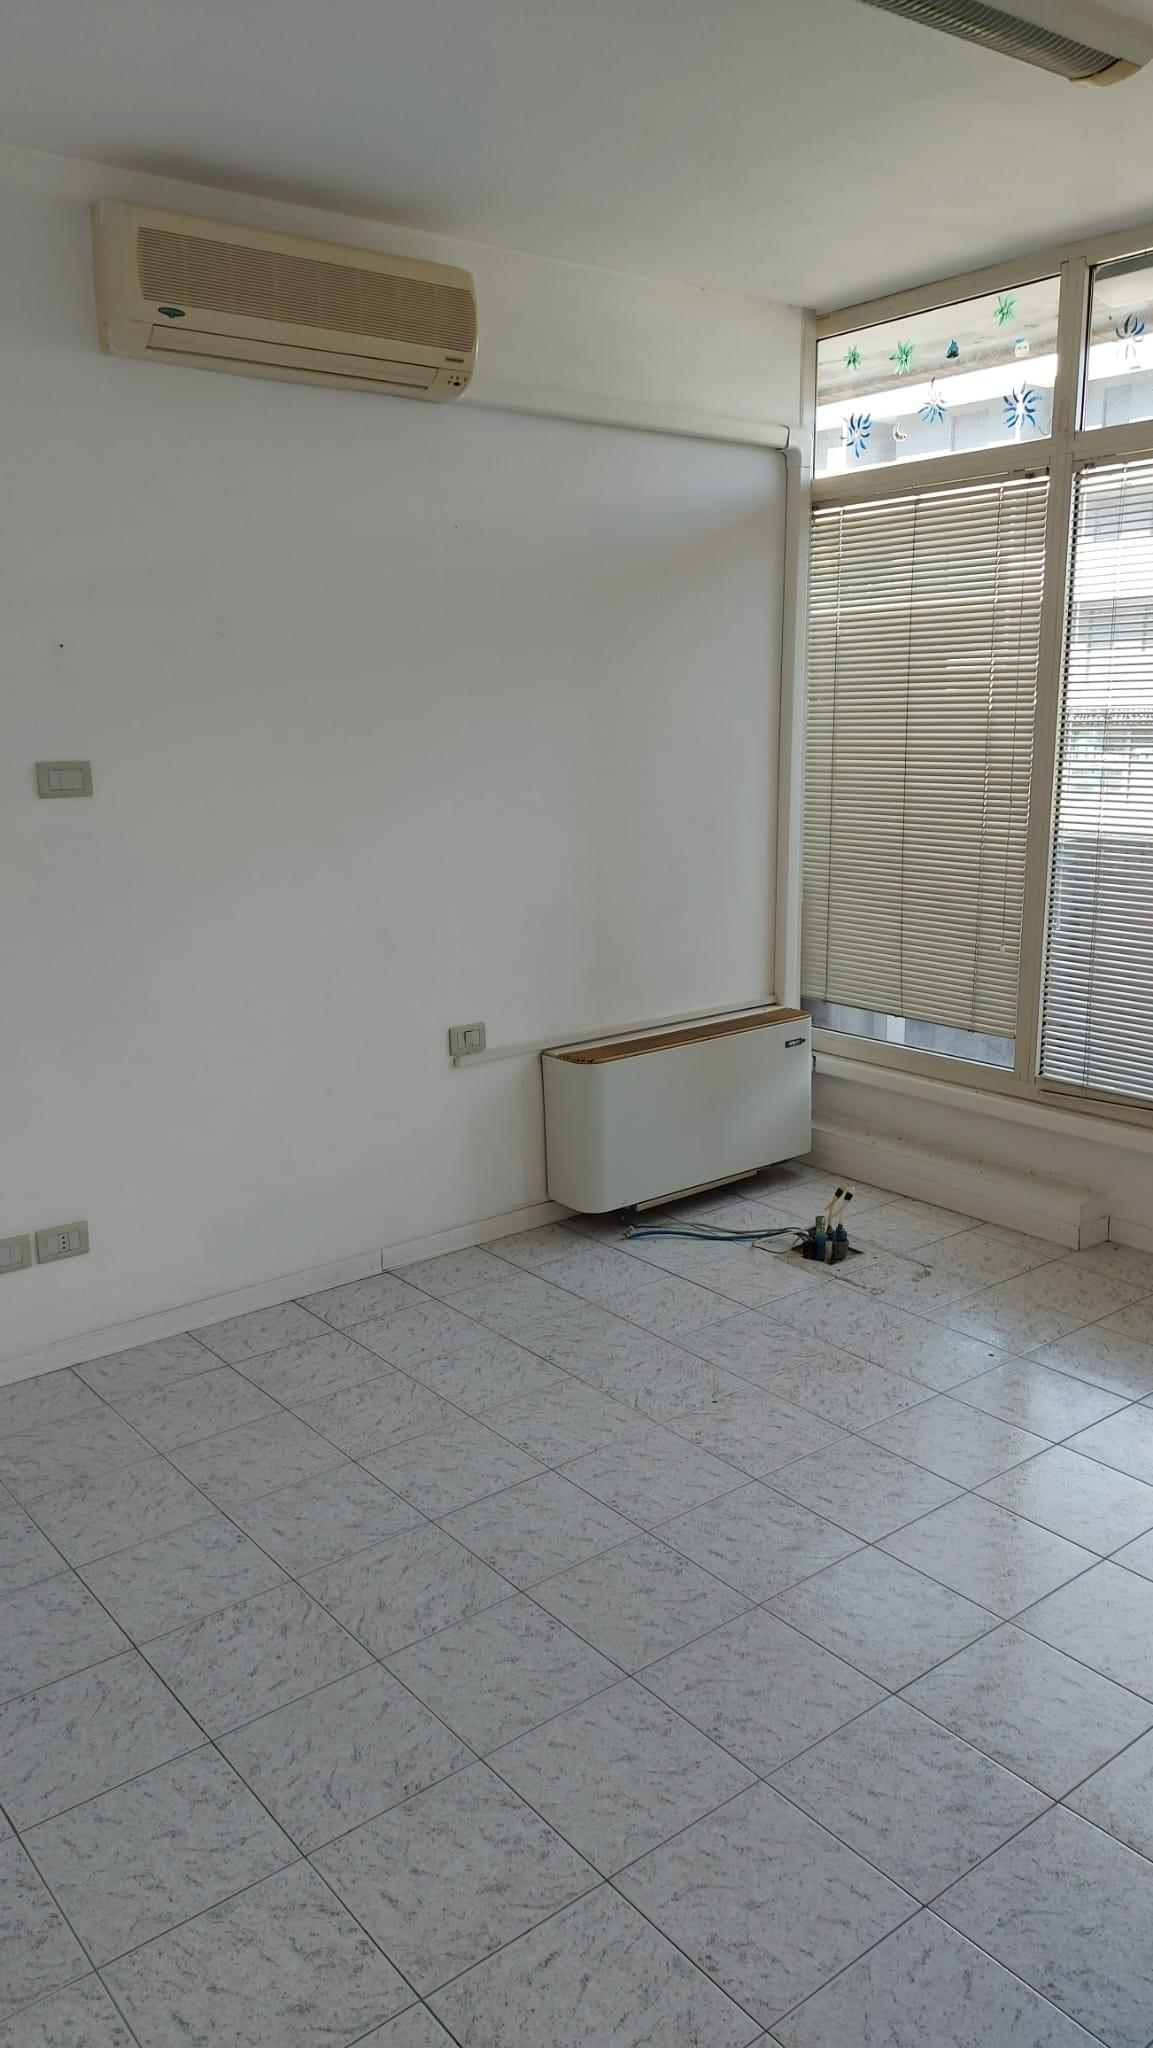 Locale comm.le/Fondo in affitto commerciale, rif. 363